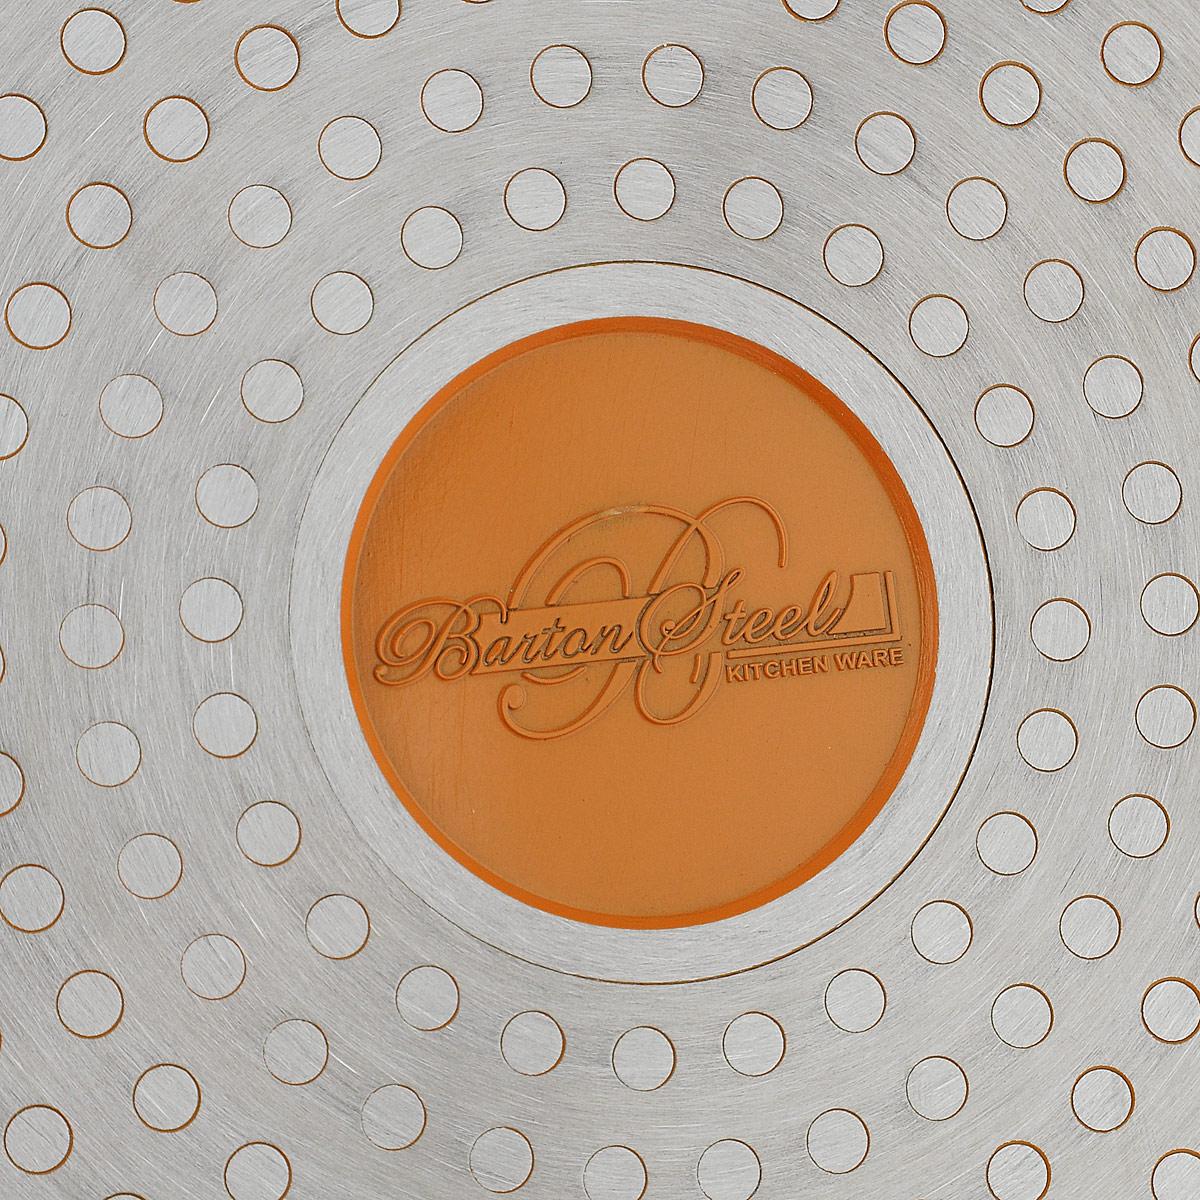 """Сковорода """"BartonSteel"""" изготовлена из прочного алюминия с  внутренним мраморным керамическим покрытием, которое  обладает высокой прочностью. Кроме того, с таким  покрытием пища не пригорает и не прилипает к стенкам.  Готовить можно с минимальным количеством масла.  Сковорода быстро разогревается, распределяя тепло по всей  поверхности, что позволяет готовить в энергосберегающем  режиме, значительно сокращая время, проведенное у плиты.   Сковорода оснащена удобной бакелитовой ручкой, она не  нагревается в процессе готовки и обеспечивает надежный  хват. Крышка изготовлена из жаропрочного стекла, оснащена  ручкой, отверстием для выхода пара и металлическим  ободом. Благодаря такой крышке можно следить за  приготовлением пищи без потери тепла.   Можно мыть в посудомоечной машине. Подходит для  использования на газовых, электрических, галогеновых,  индукционных плитах.  Диаметр сковороды (по верхнему краю): 24 см.  Длина ручки: 17,5 см.  Диаметр индукционного диска: 18,5 см."""